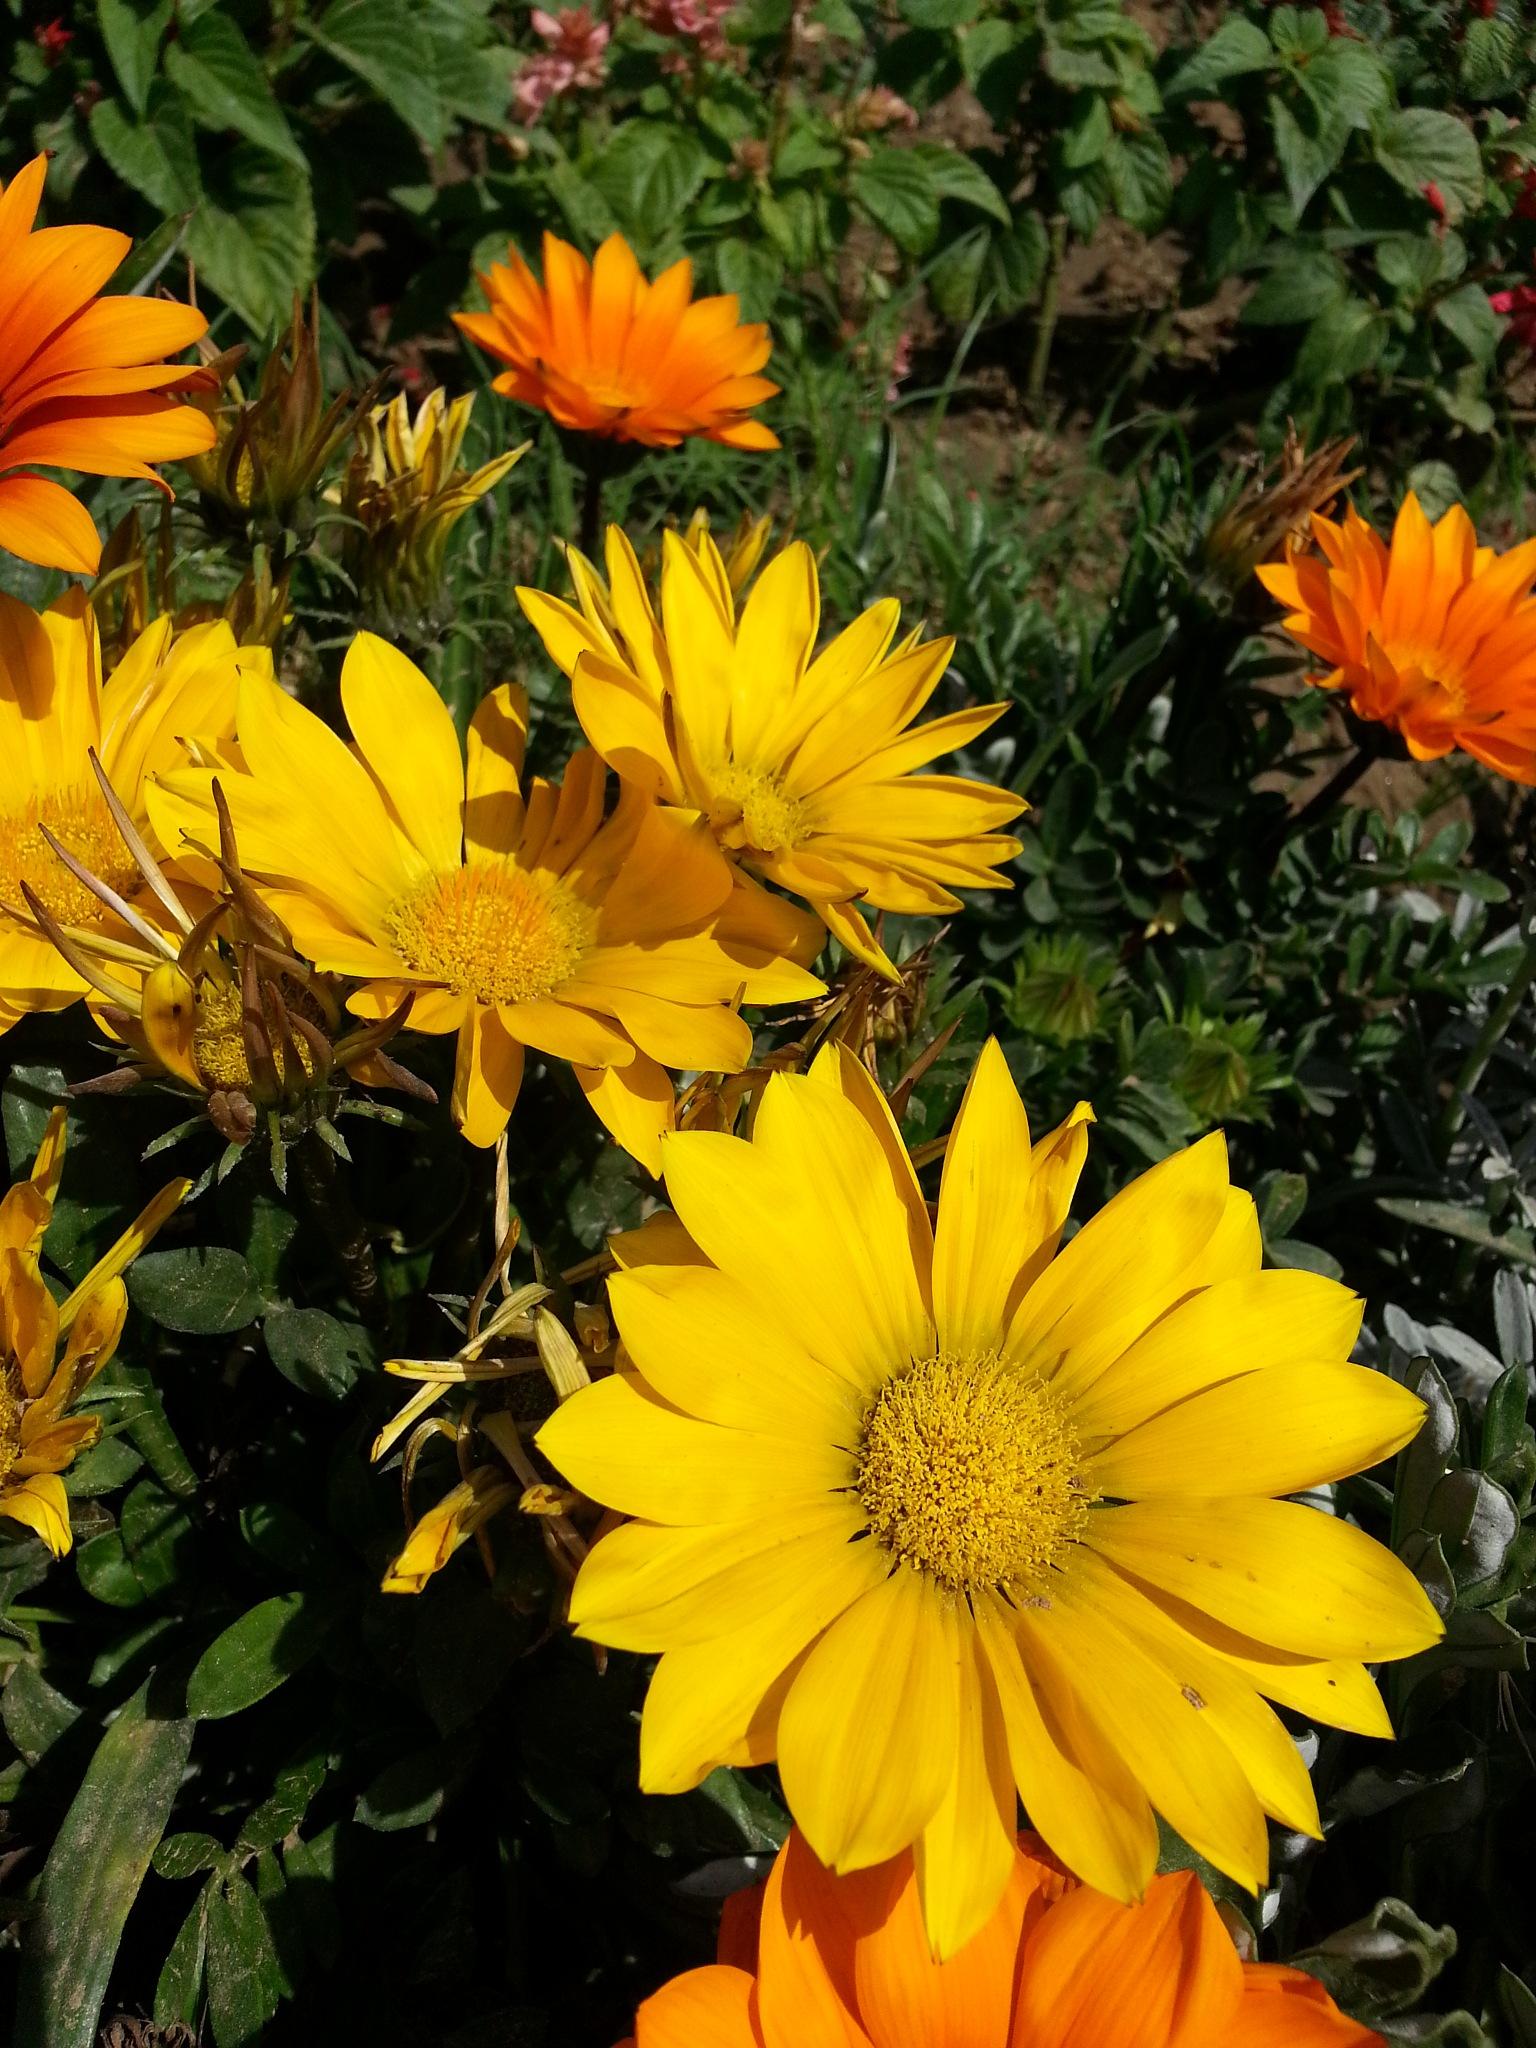 Flowers in bright sunlight 16 by Suresh Tewari